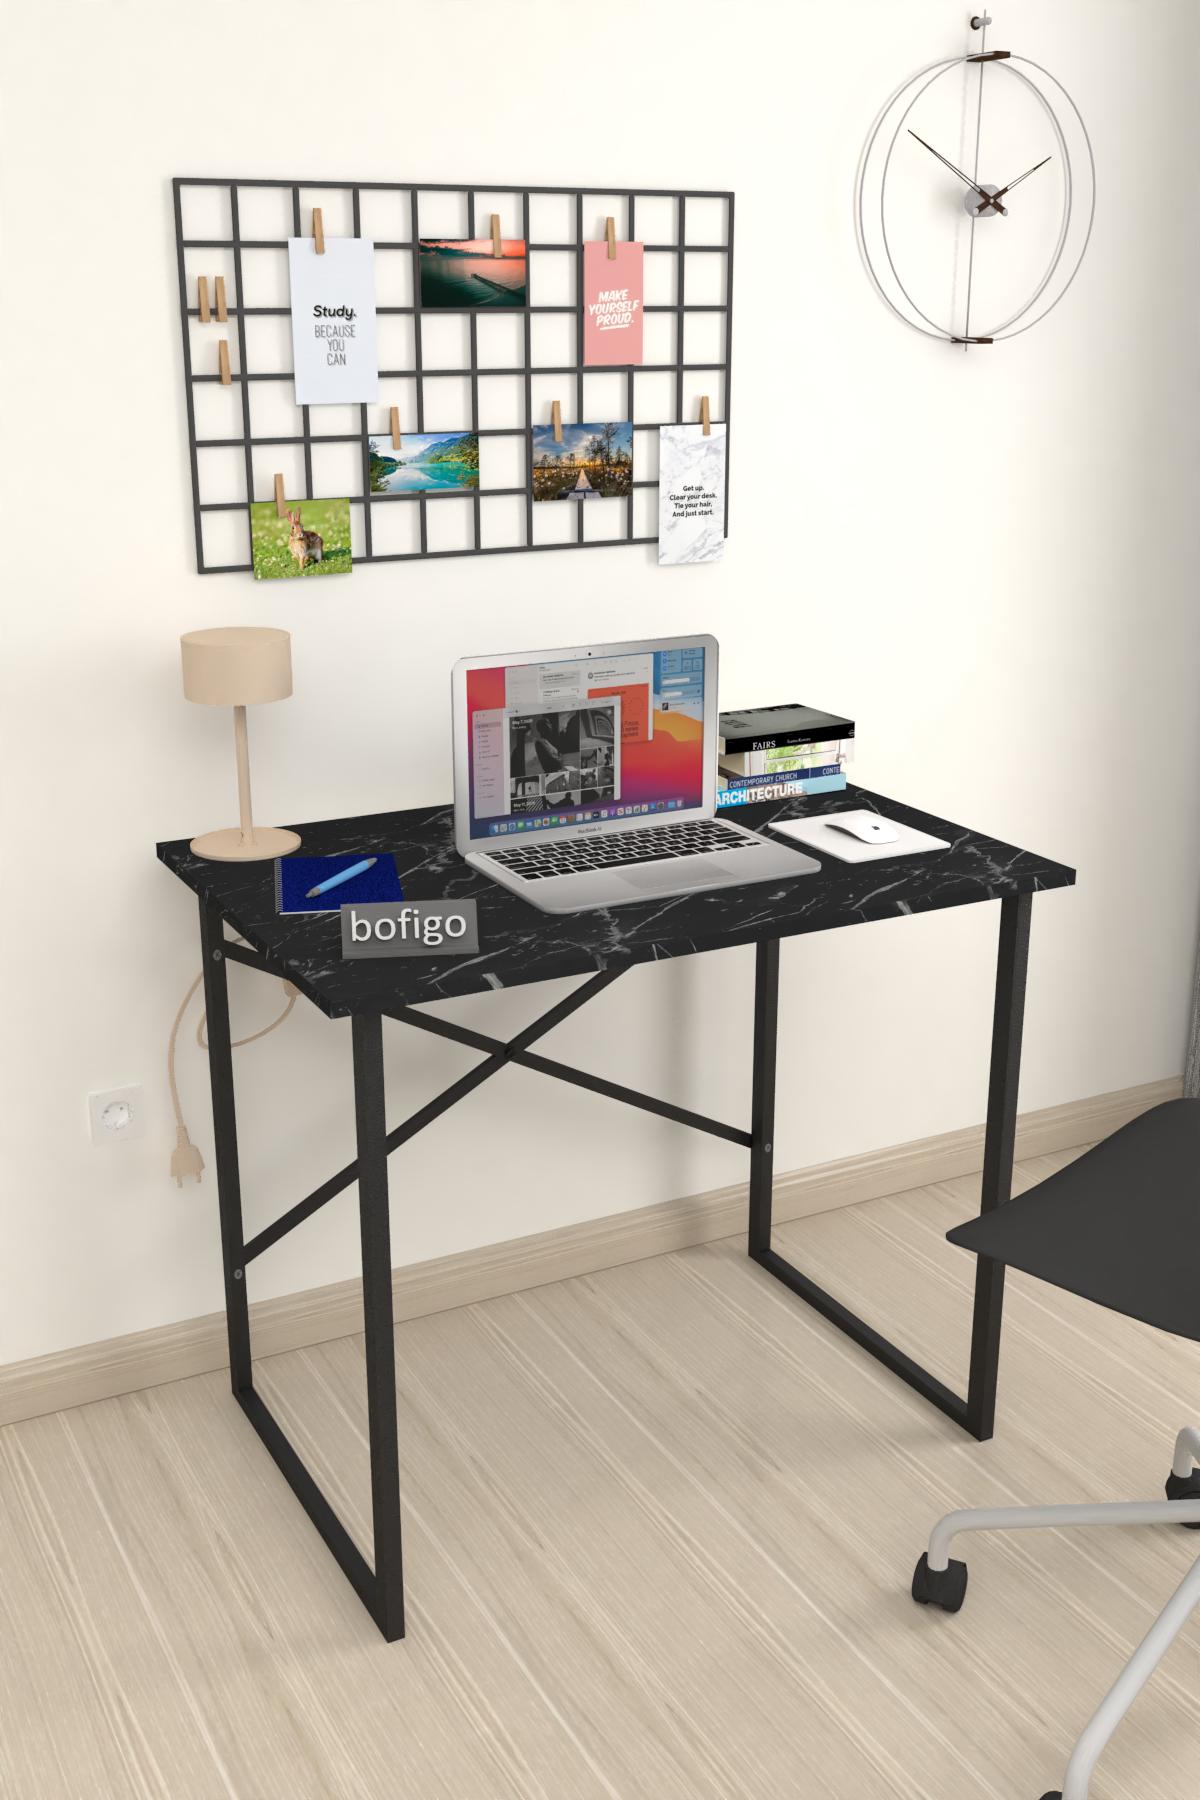 Bofigo Desk 60x90 cm Bendir